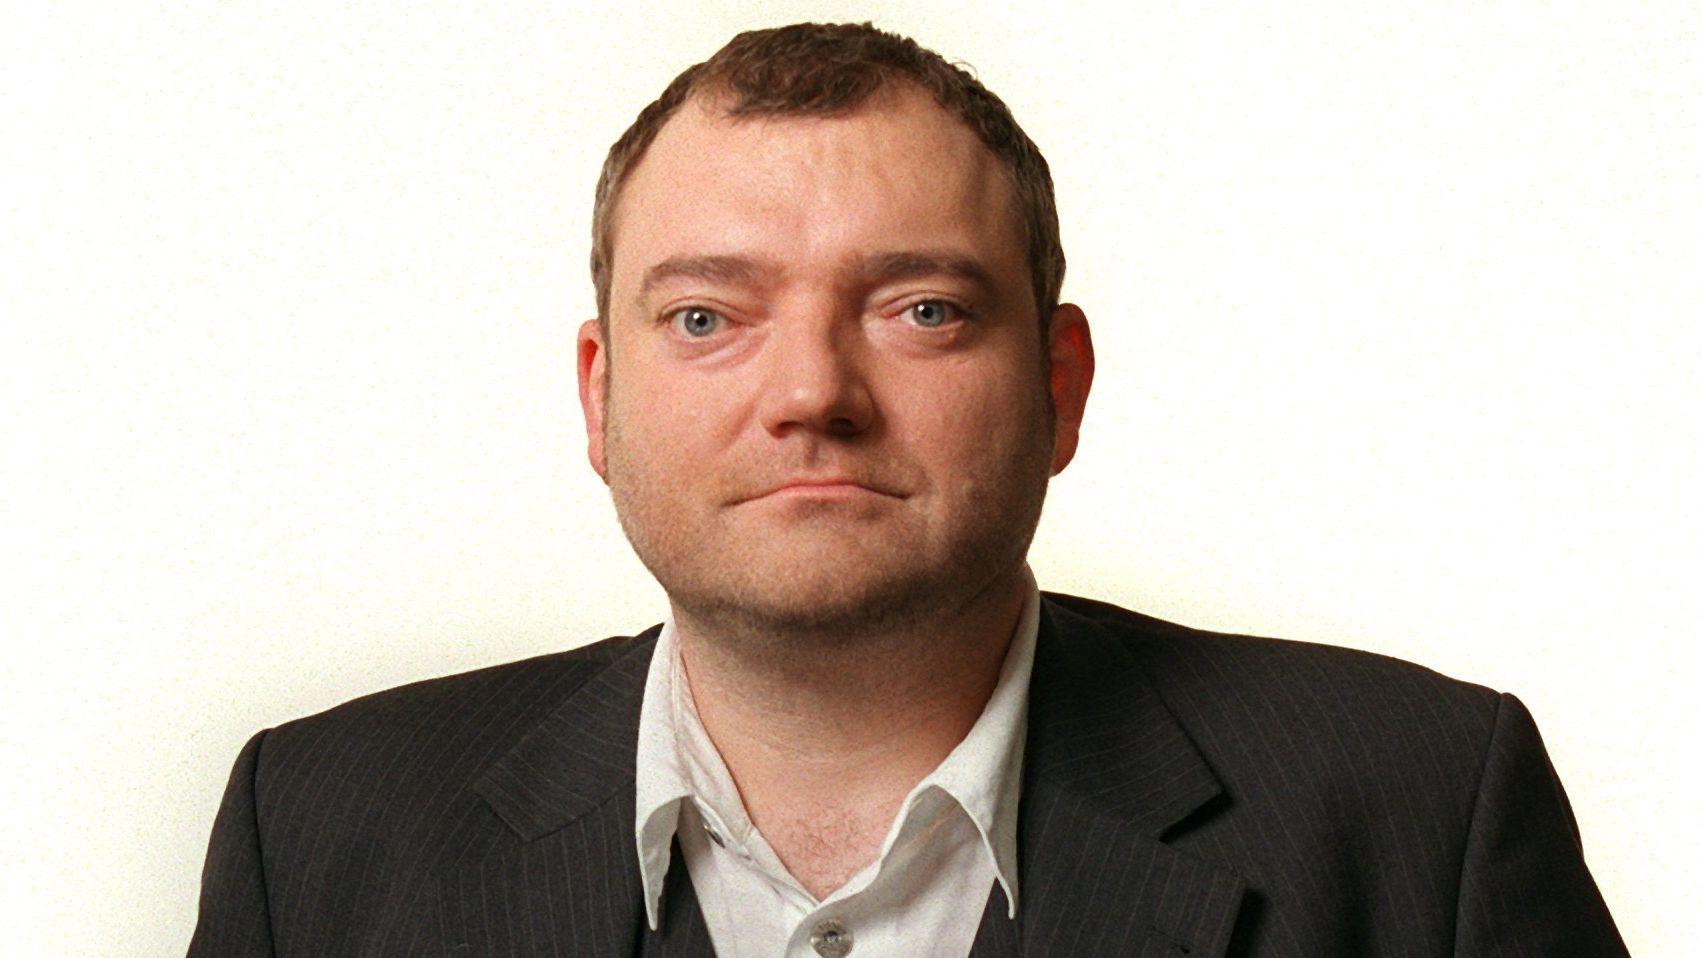 Der Satiriker, Journalist und Buchautor Wiglaf Droste im Oktober 2002